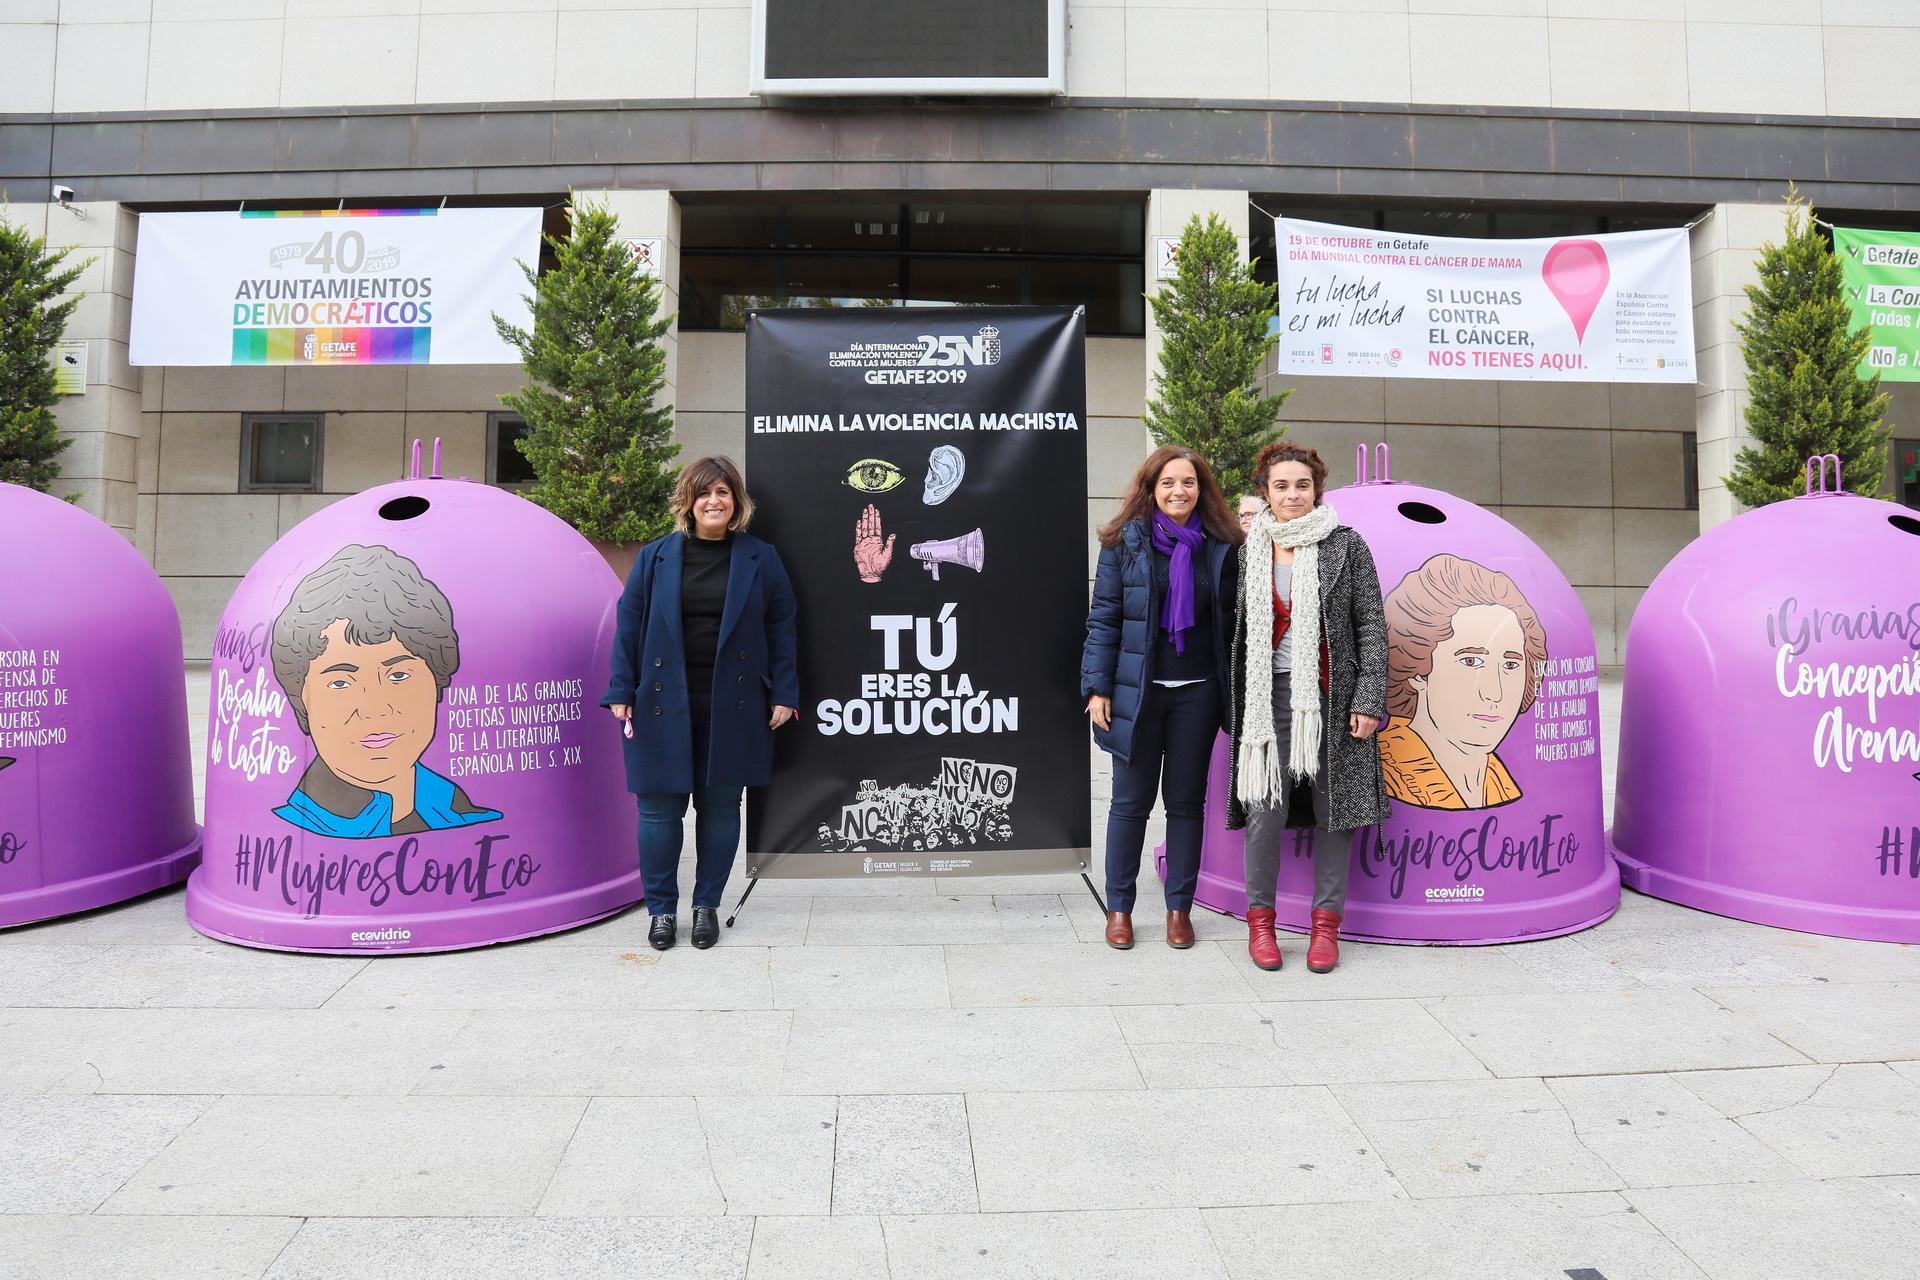 Comienza la campaña 'Elimina la violencia machista. Tú eres la solución' que presenta el Ayuntamiento de Getafe con motivo del 25n.